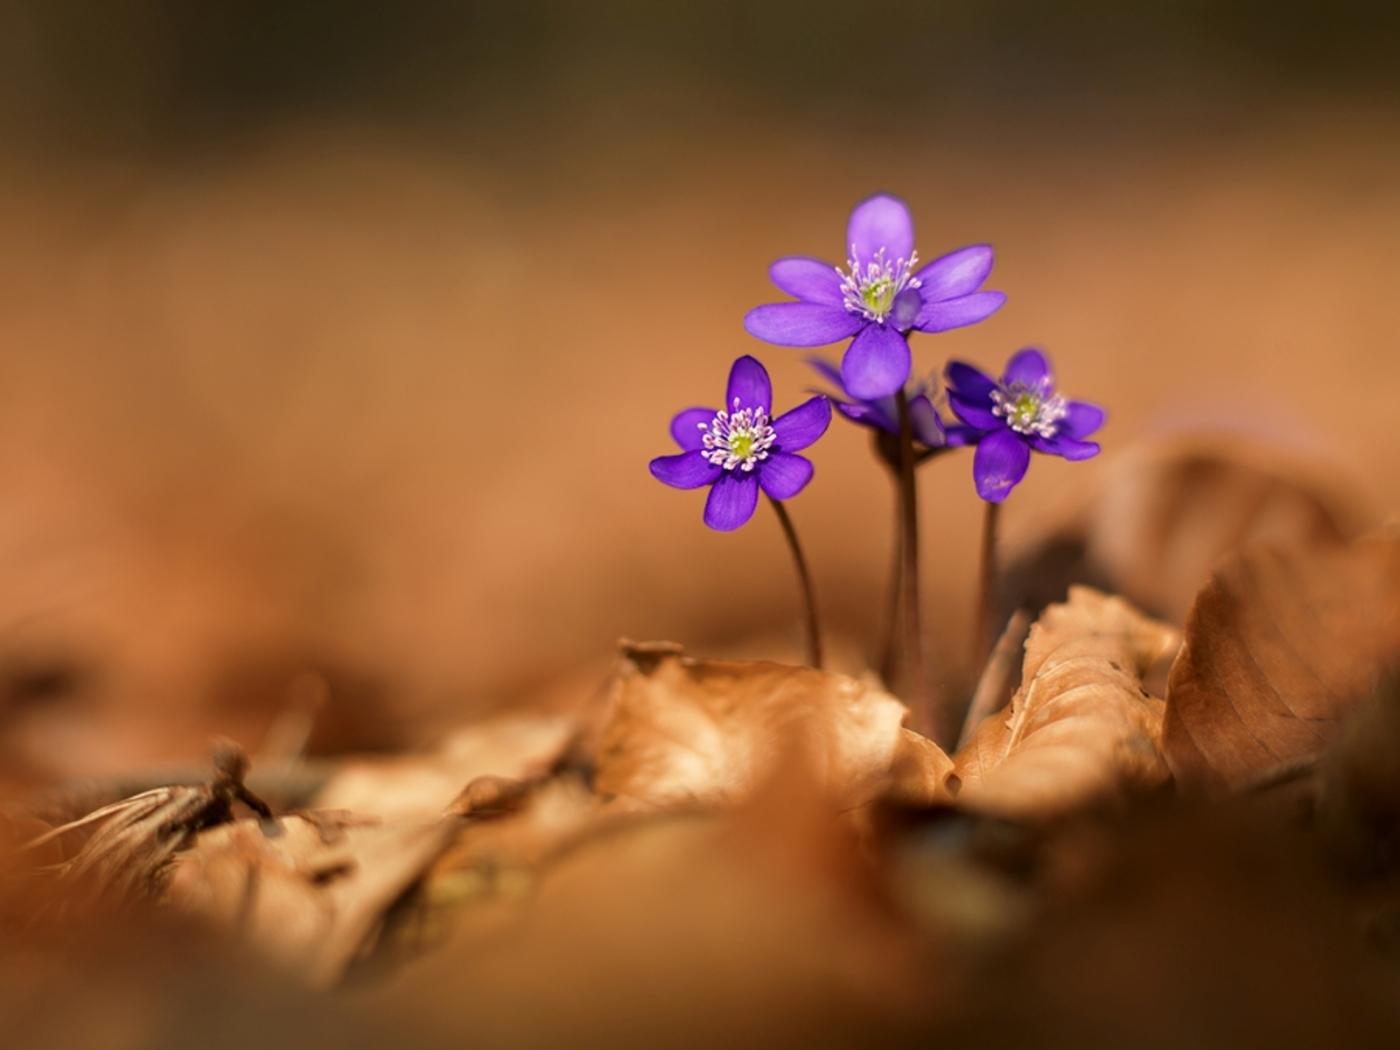 42342 Заставки и Обои Фиалки на телефон. Скачать Растения, Цветы, Фиалки картинки бесплатно